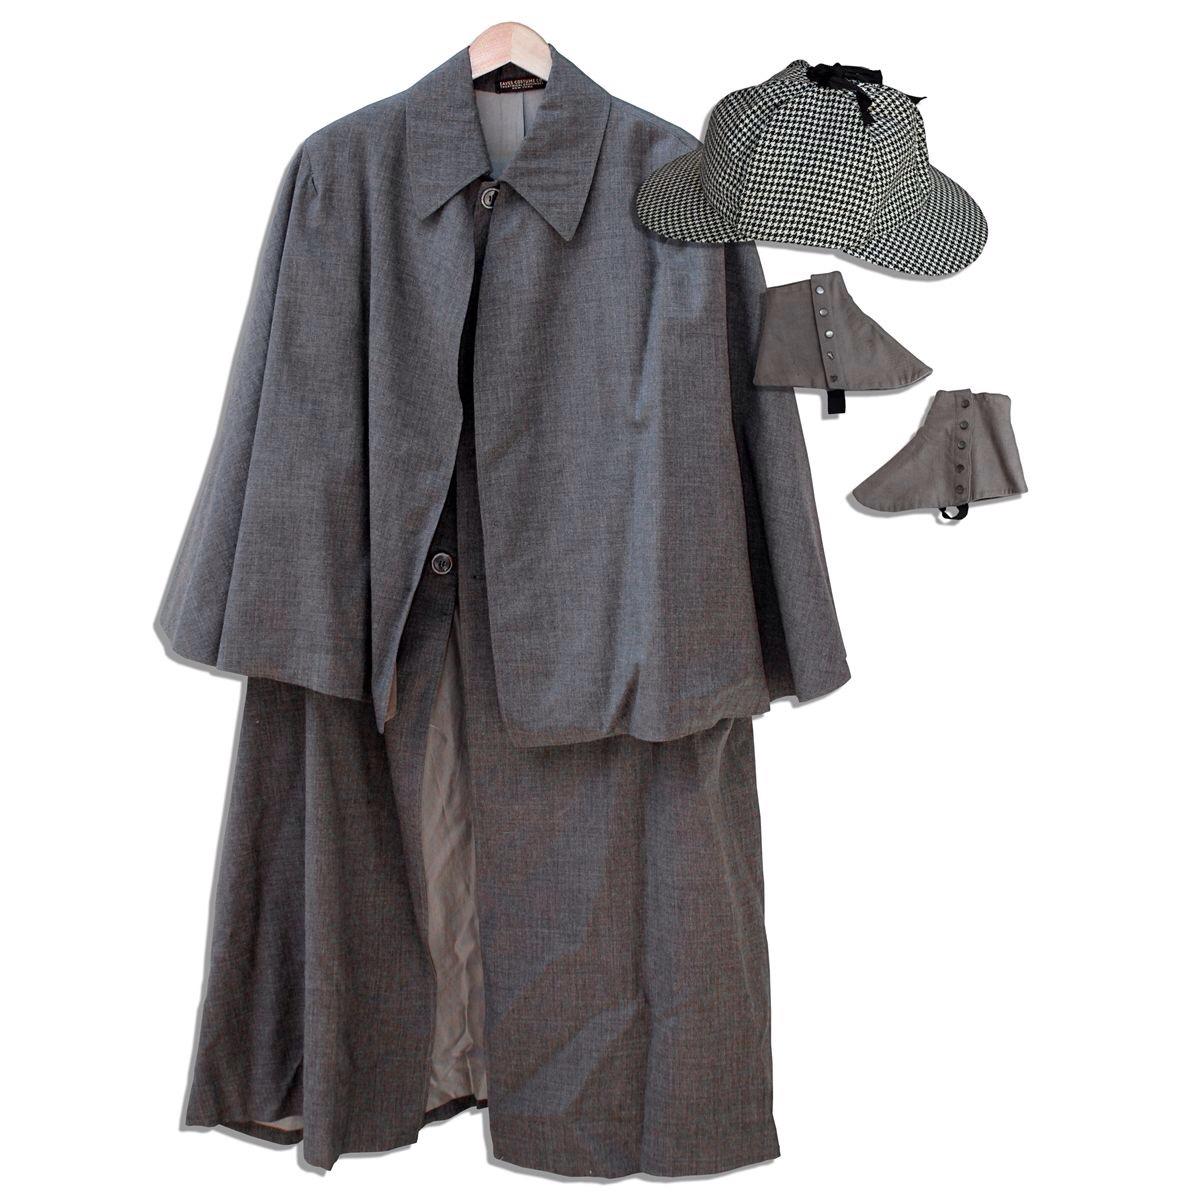 gla выкройка костюма шерлока хомса